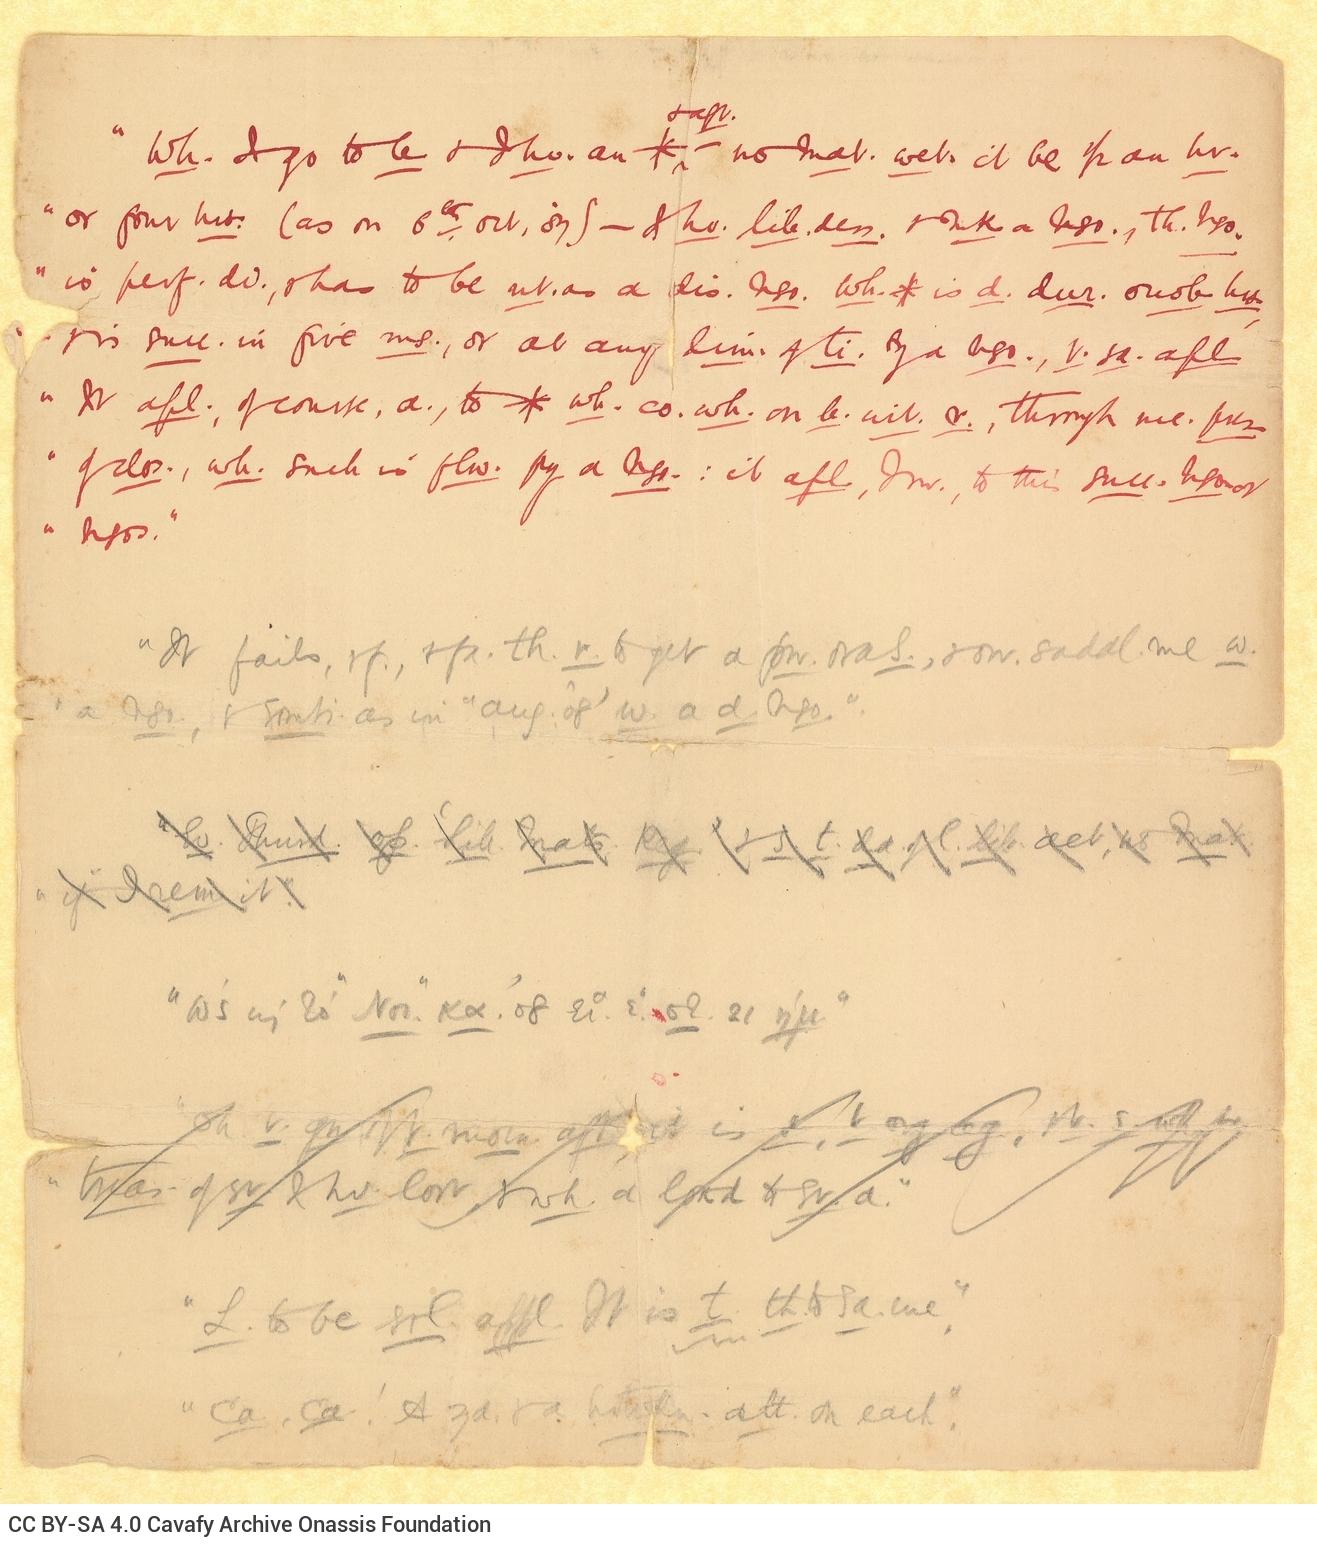 Χειρόγραφες σημειώσεις του Καβάφη στο recto δύο φύλλων. Το verso κενό. Ε�